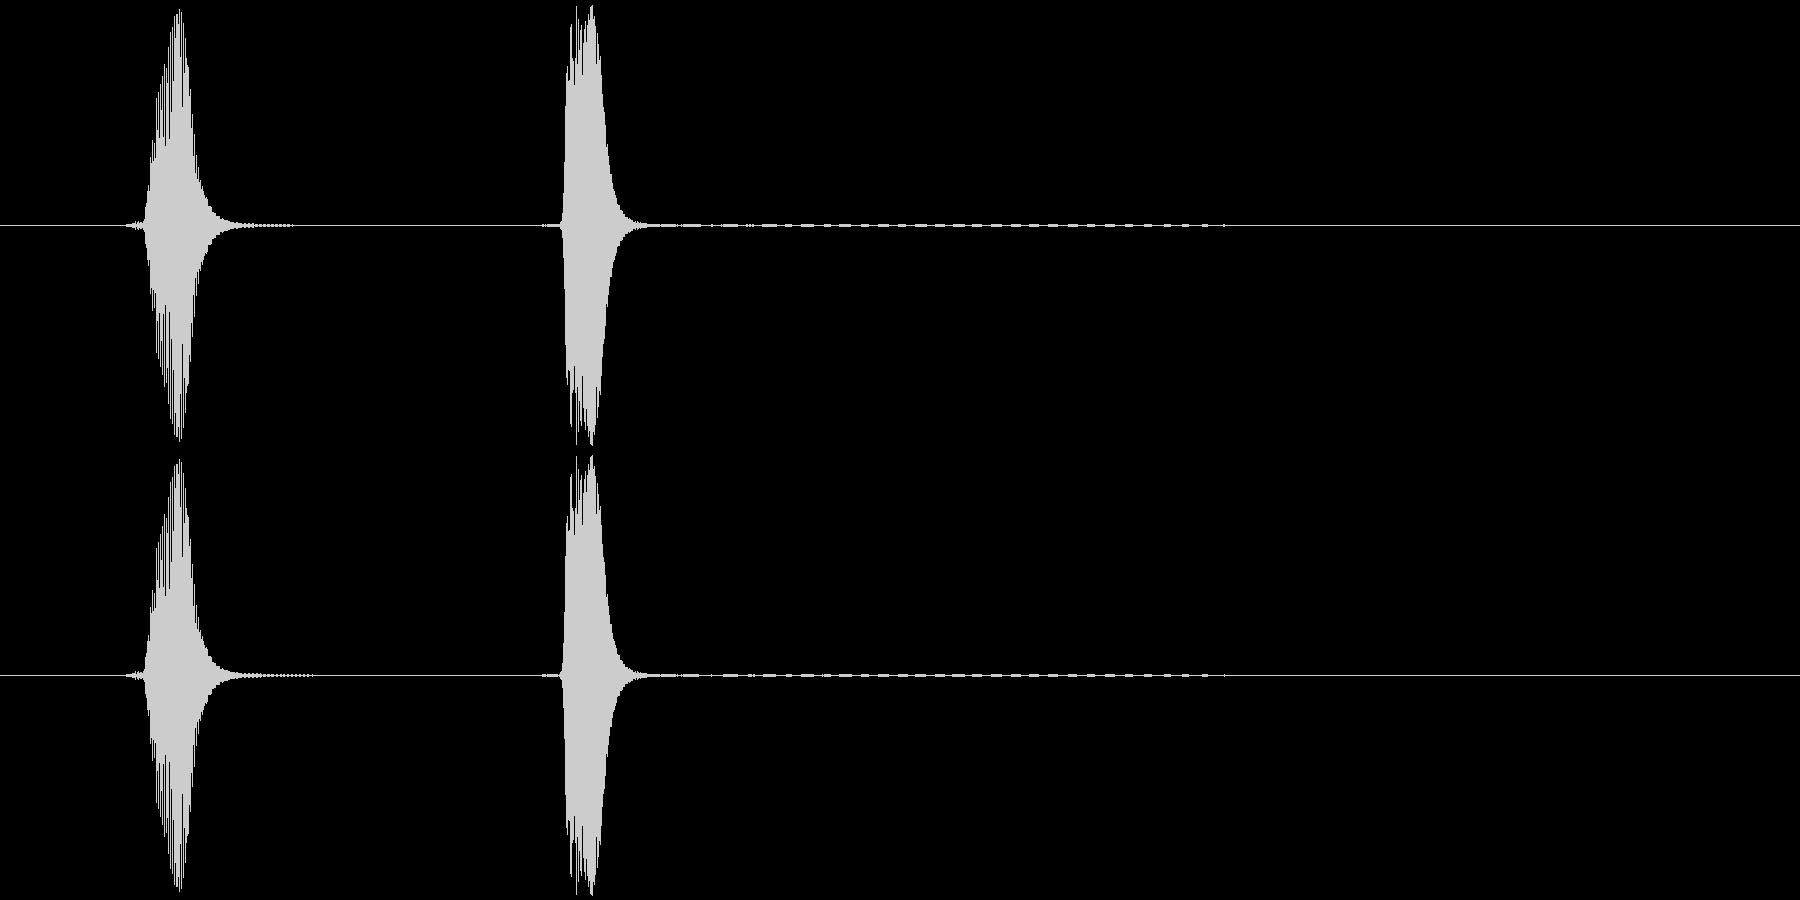 ポピッ、コピッ、選択音、クリック音の未再生の波形